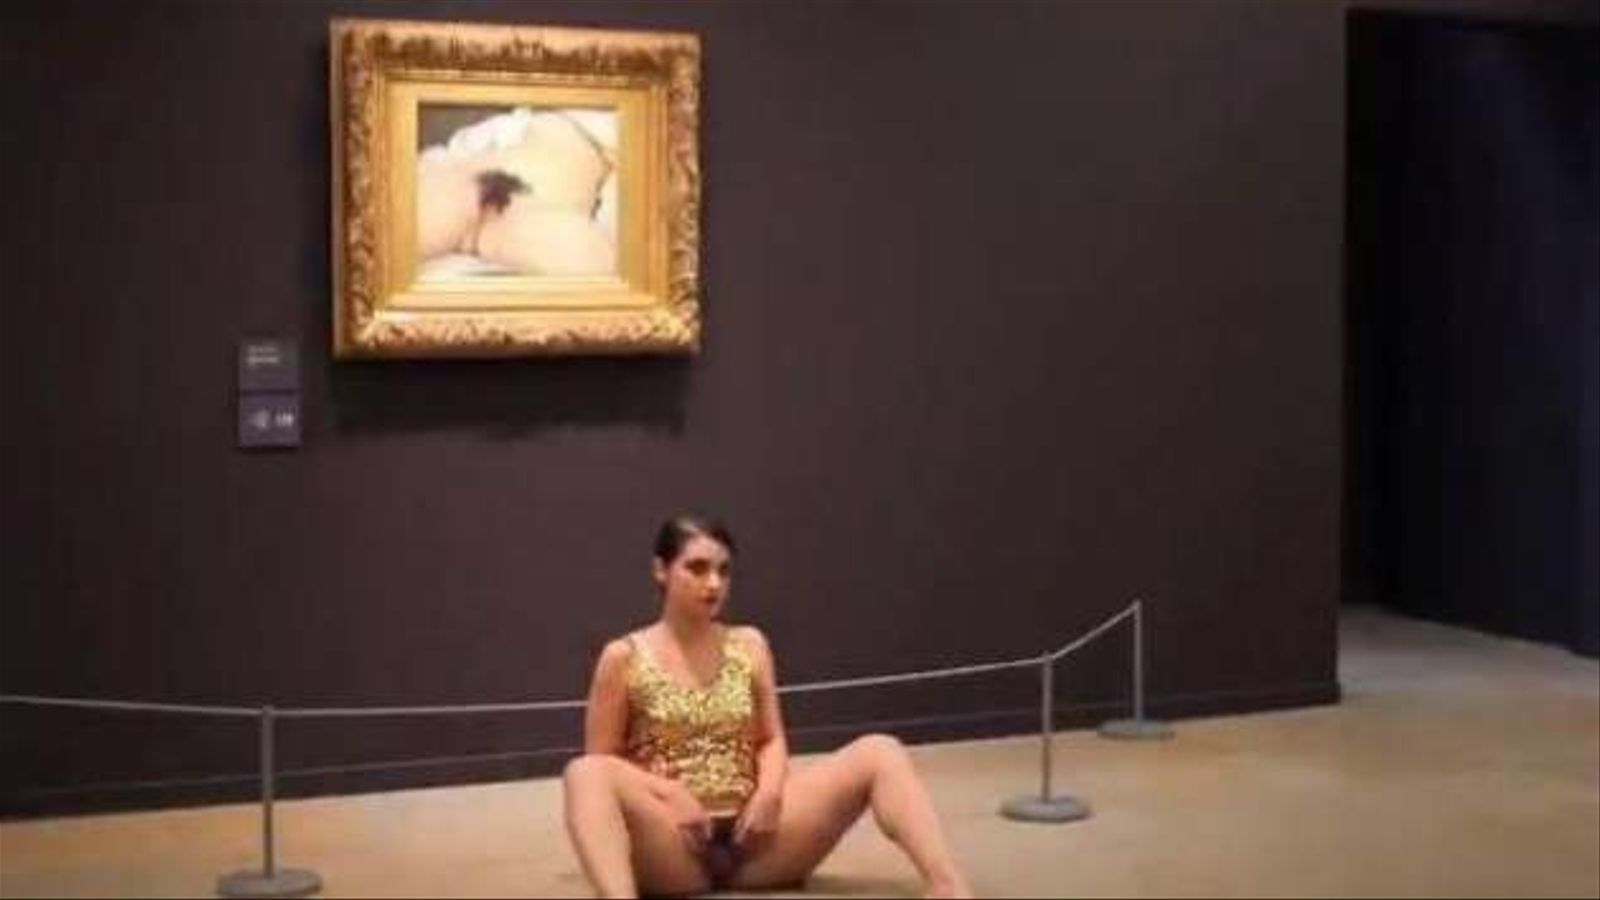 La 'performance' de l'artista Deborah de Robertis va causar un gran enrenou fa tres anys.